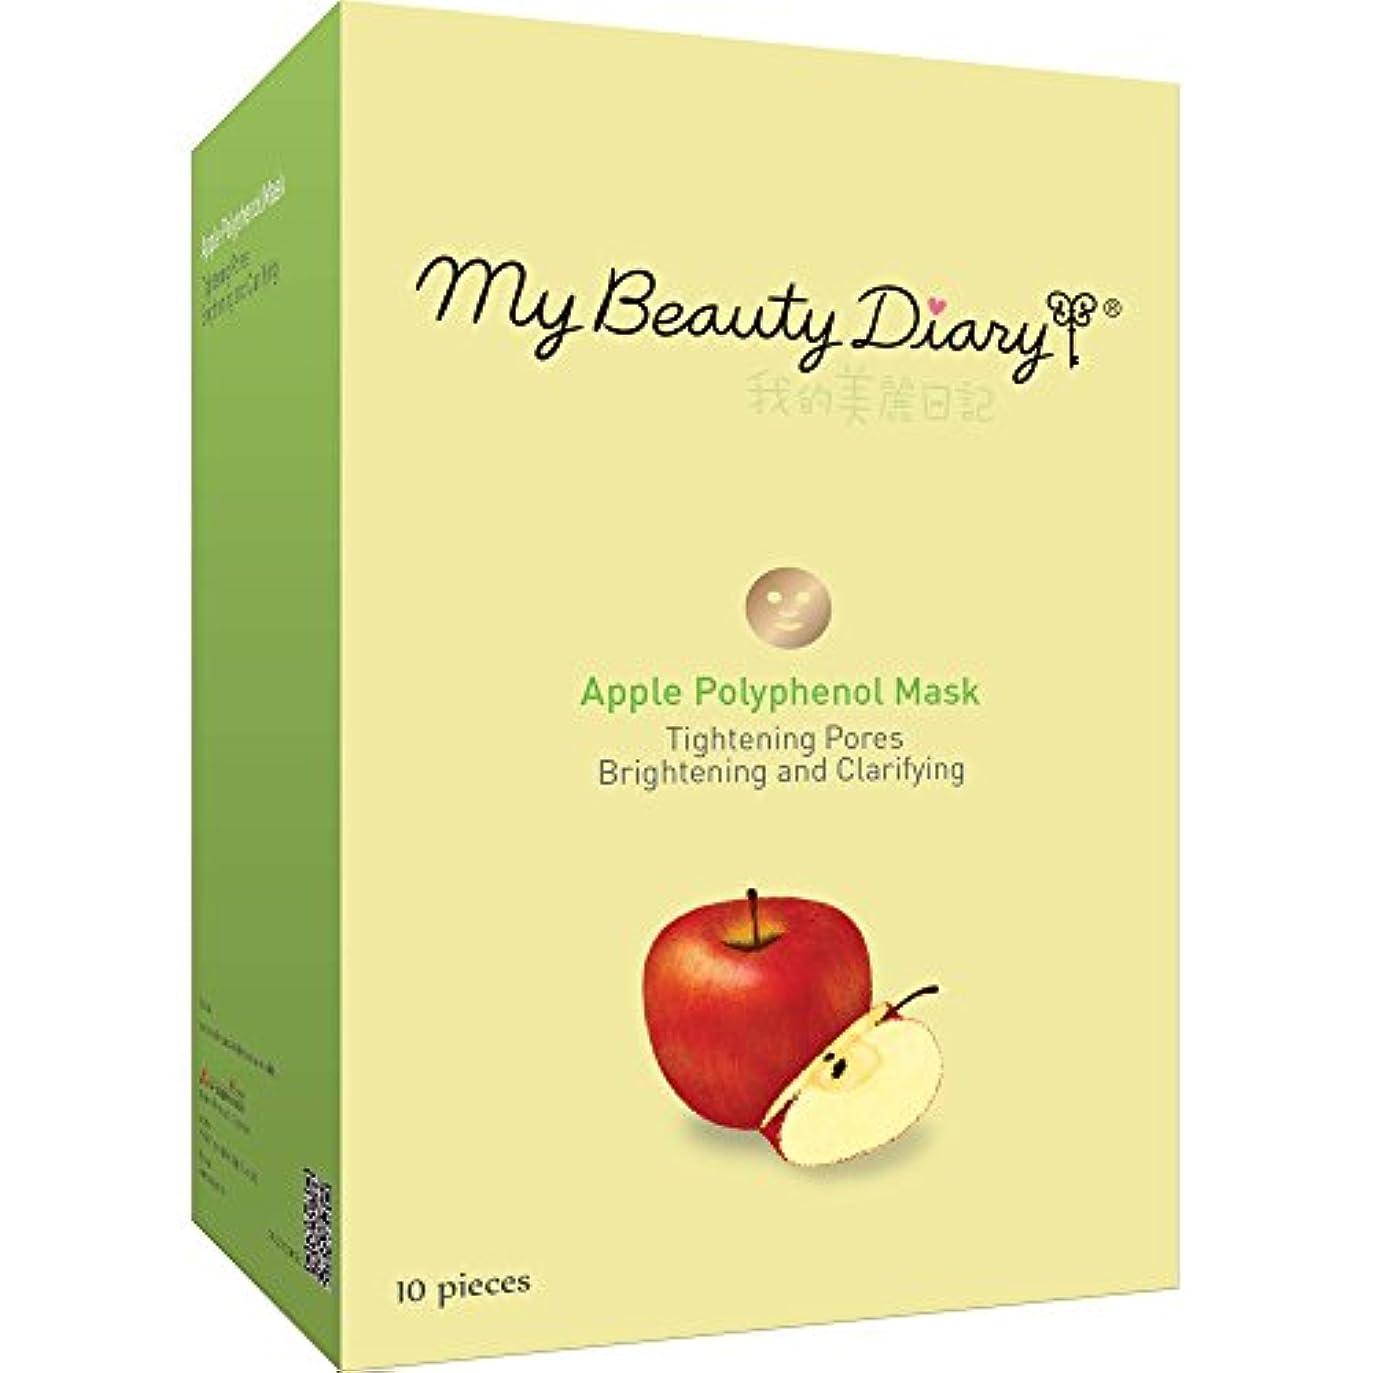 馬鹿げたマスク嫌なMy Beauty Diary フェイシャルマスク、アップルポリフェノール2015、10カウント